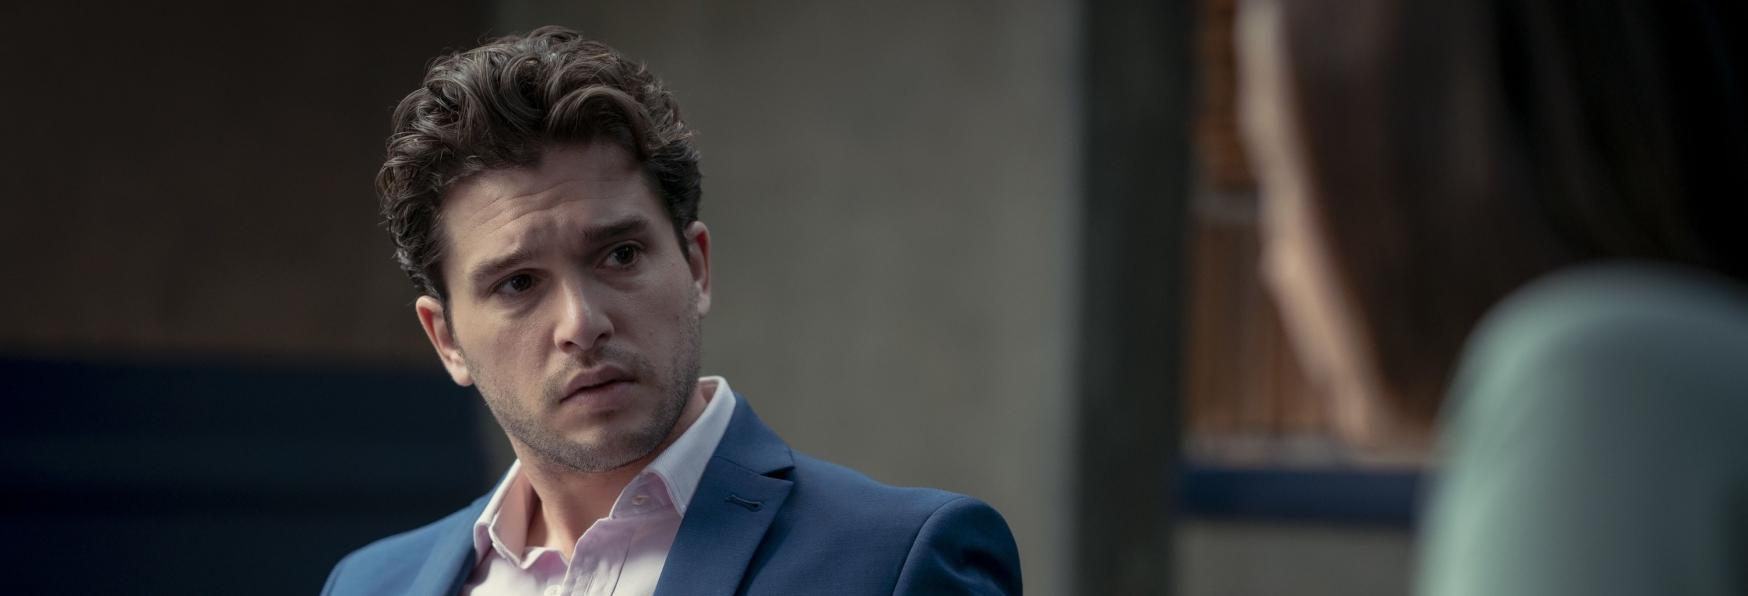 Criminal: Regno Unito 2 - Recensione della nuova Stagione con Kit Harington